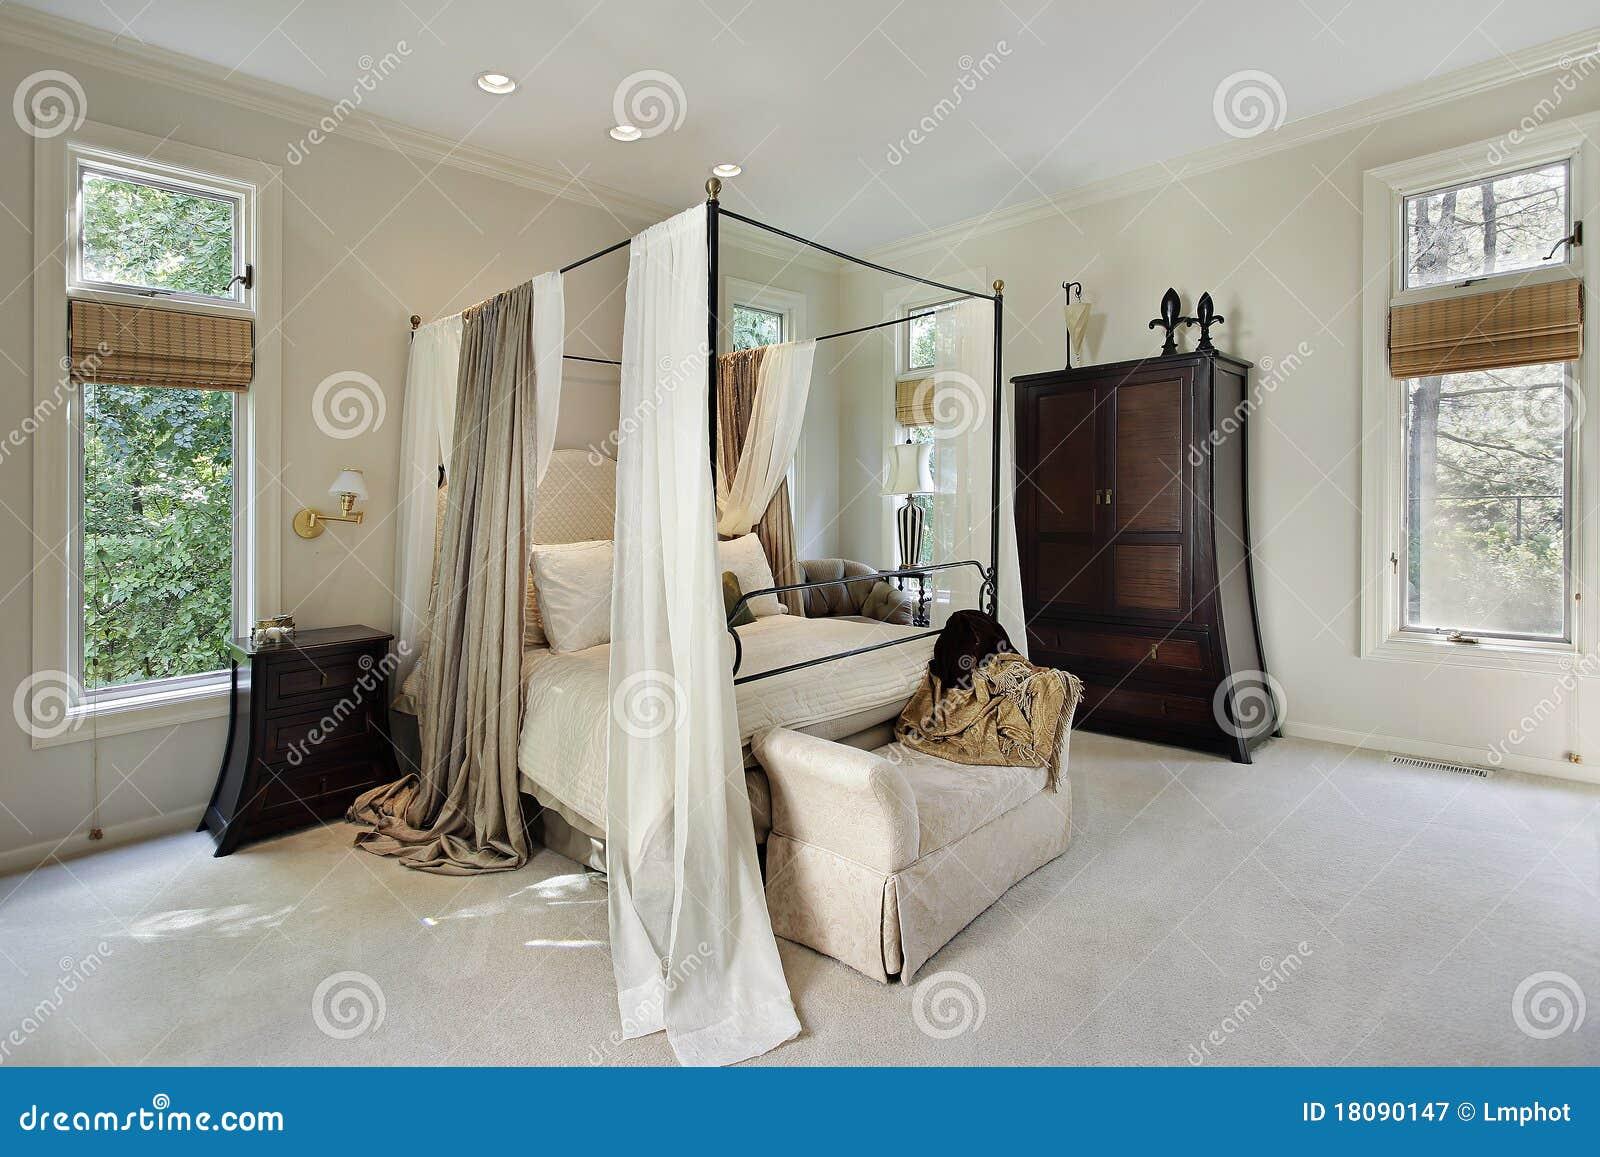 Home lyxig förlage för sovrum royaltyfri fotografi   bild: 18090147